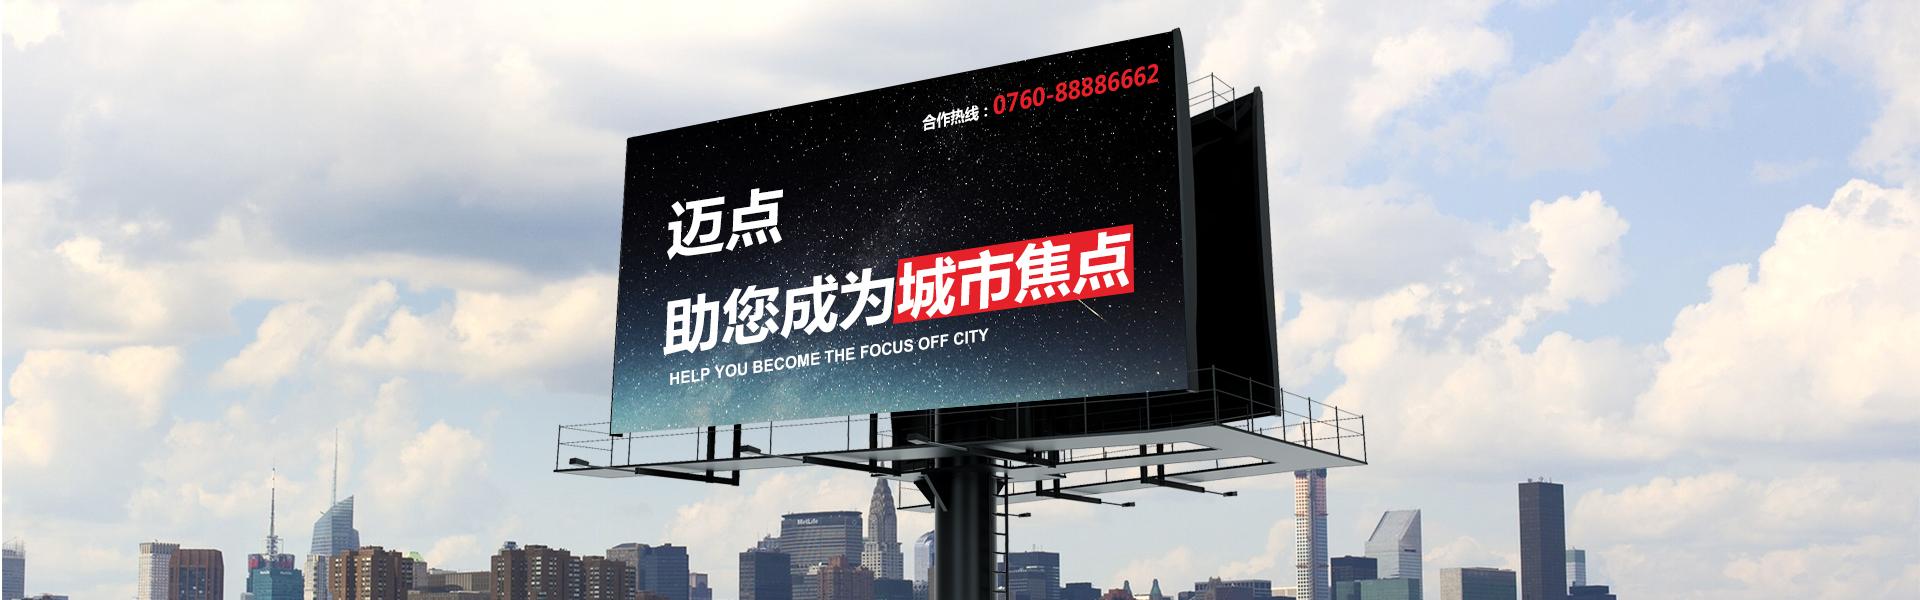 在广告中广告制作公司拥有的重要性